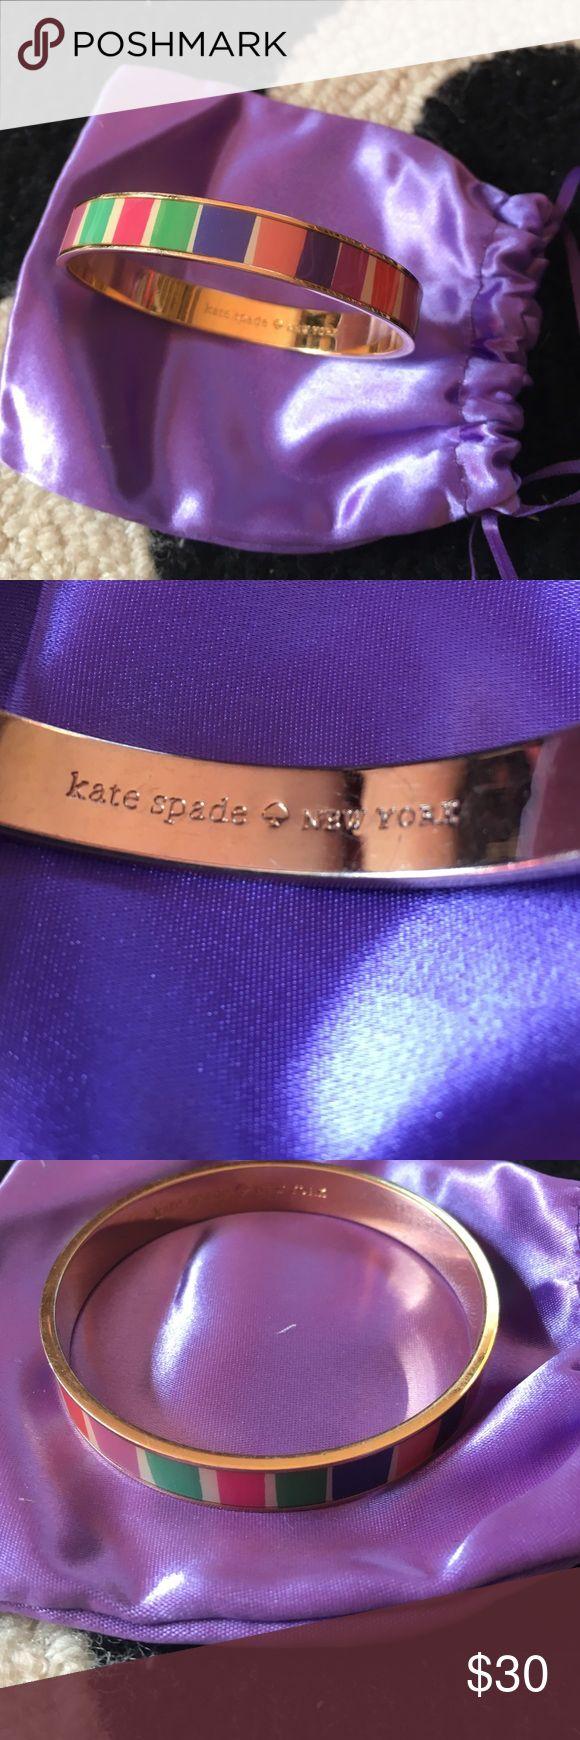 Kate Spade Bangle Kate Spade Bangle kate spade Jewelry Bracelets